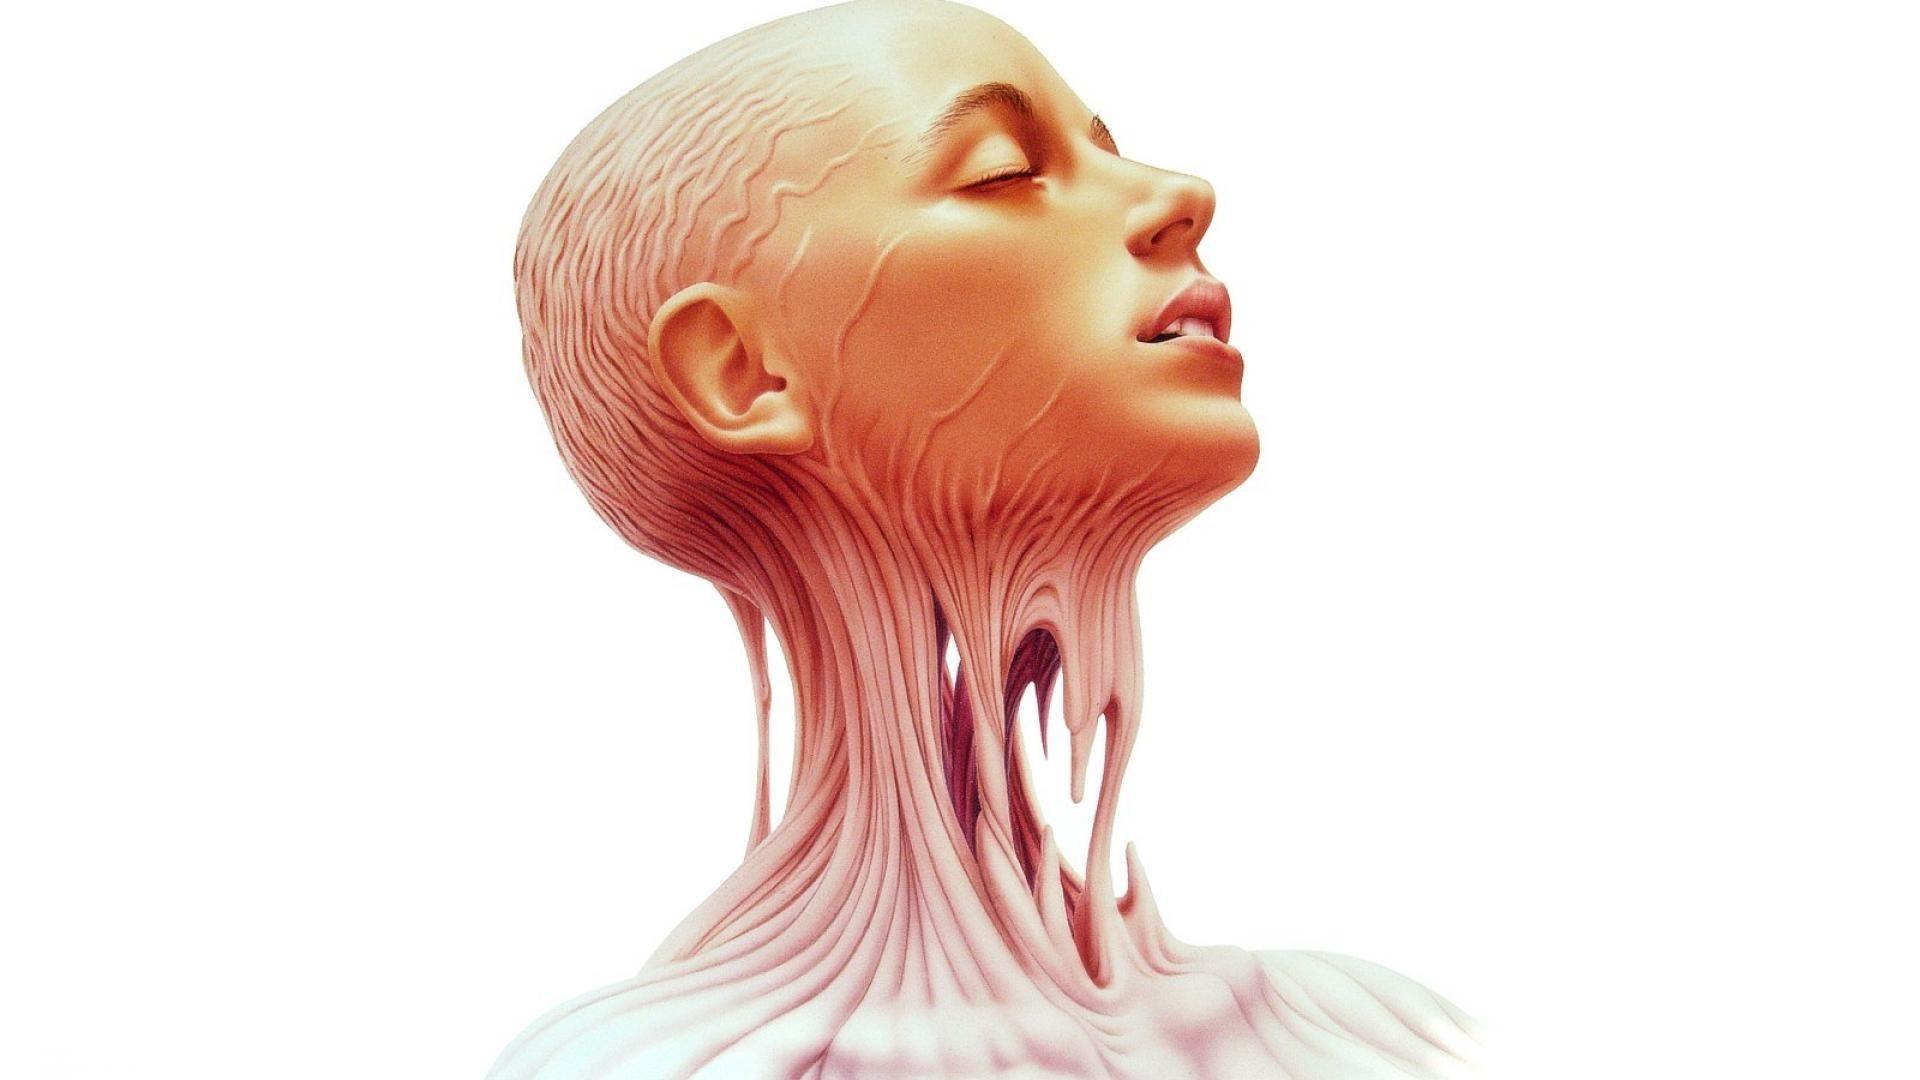 human anatomy desktop backgrounds wallpaper, 118 kB – Braylen Blare